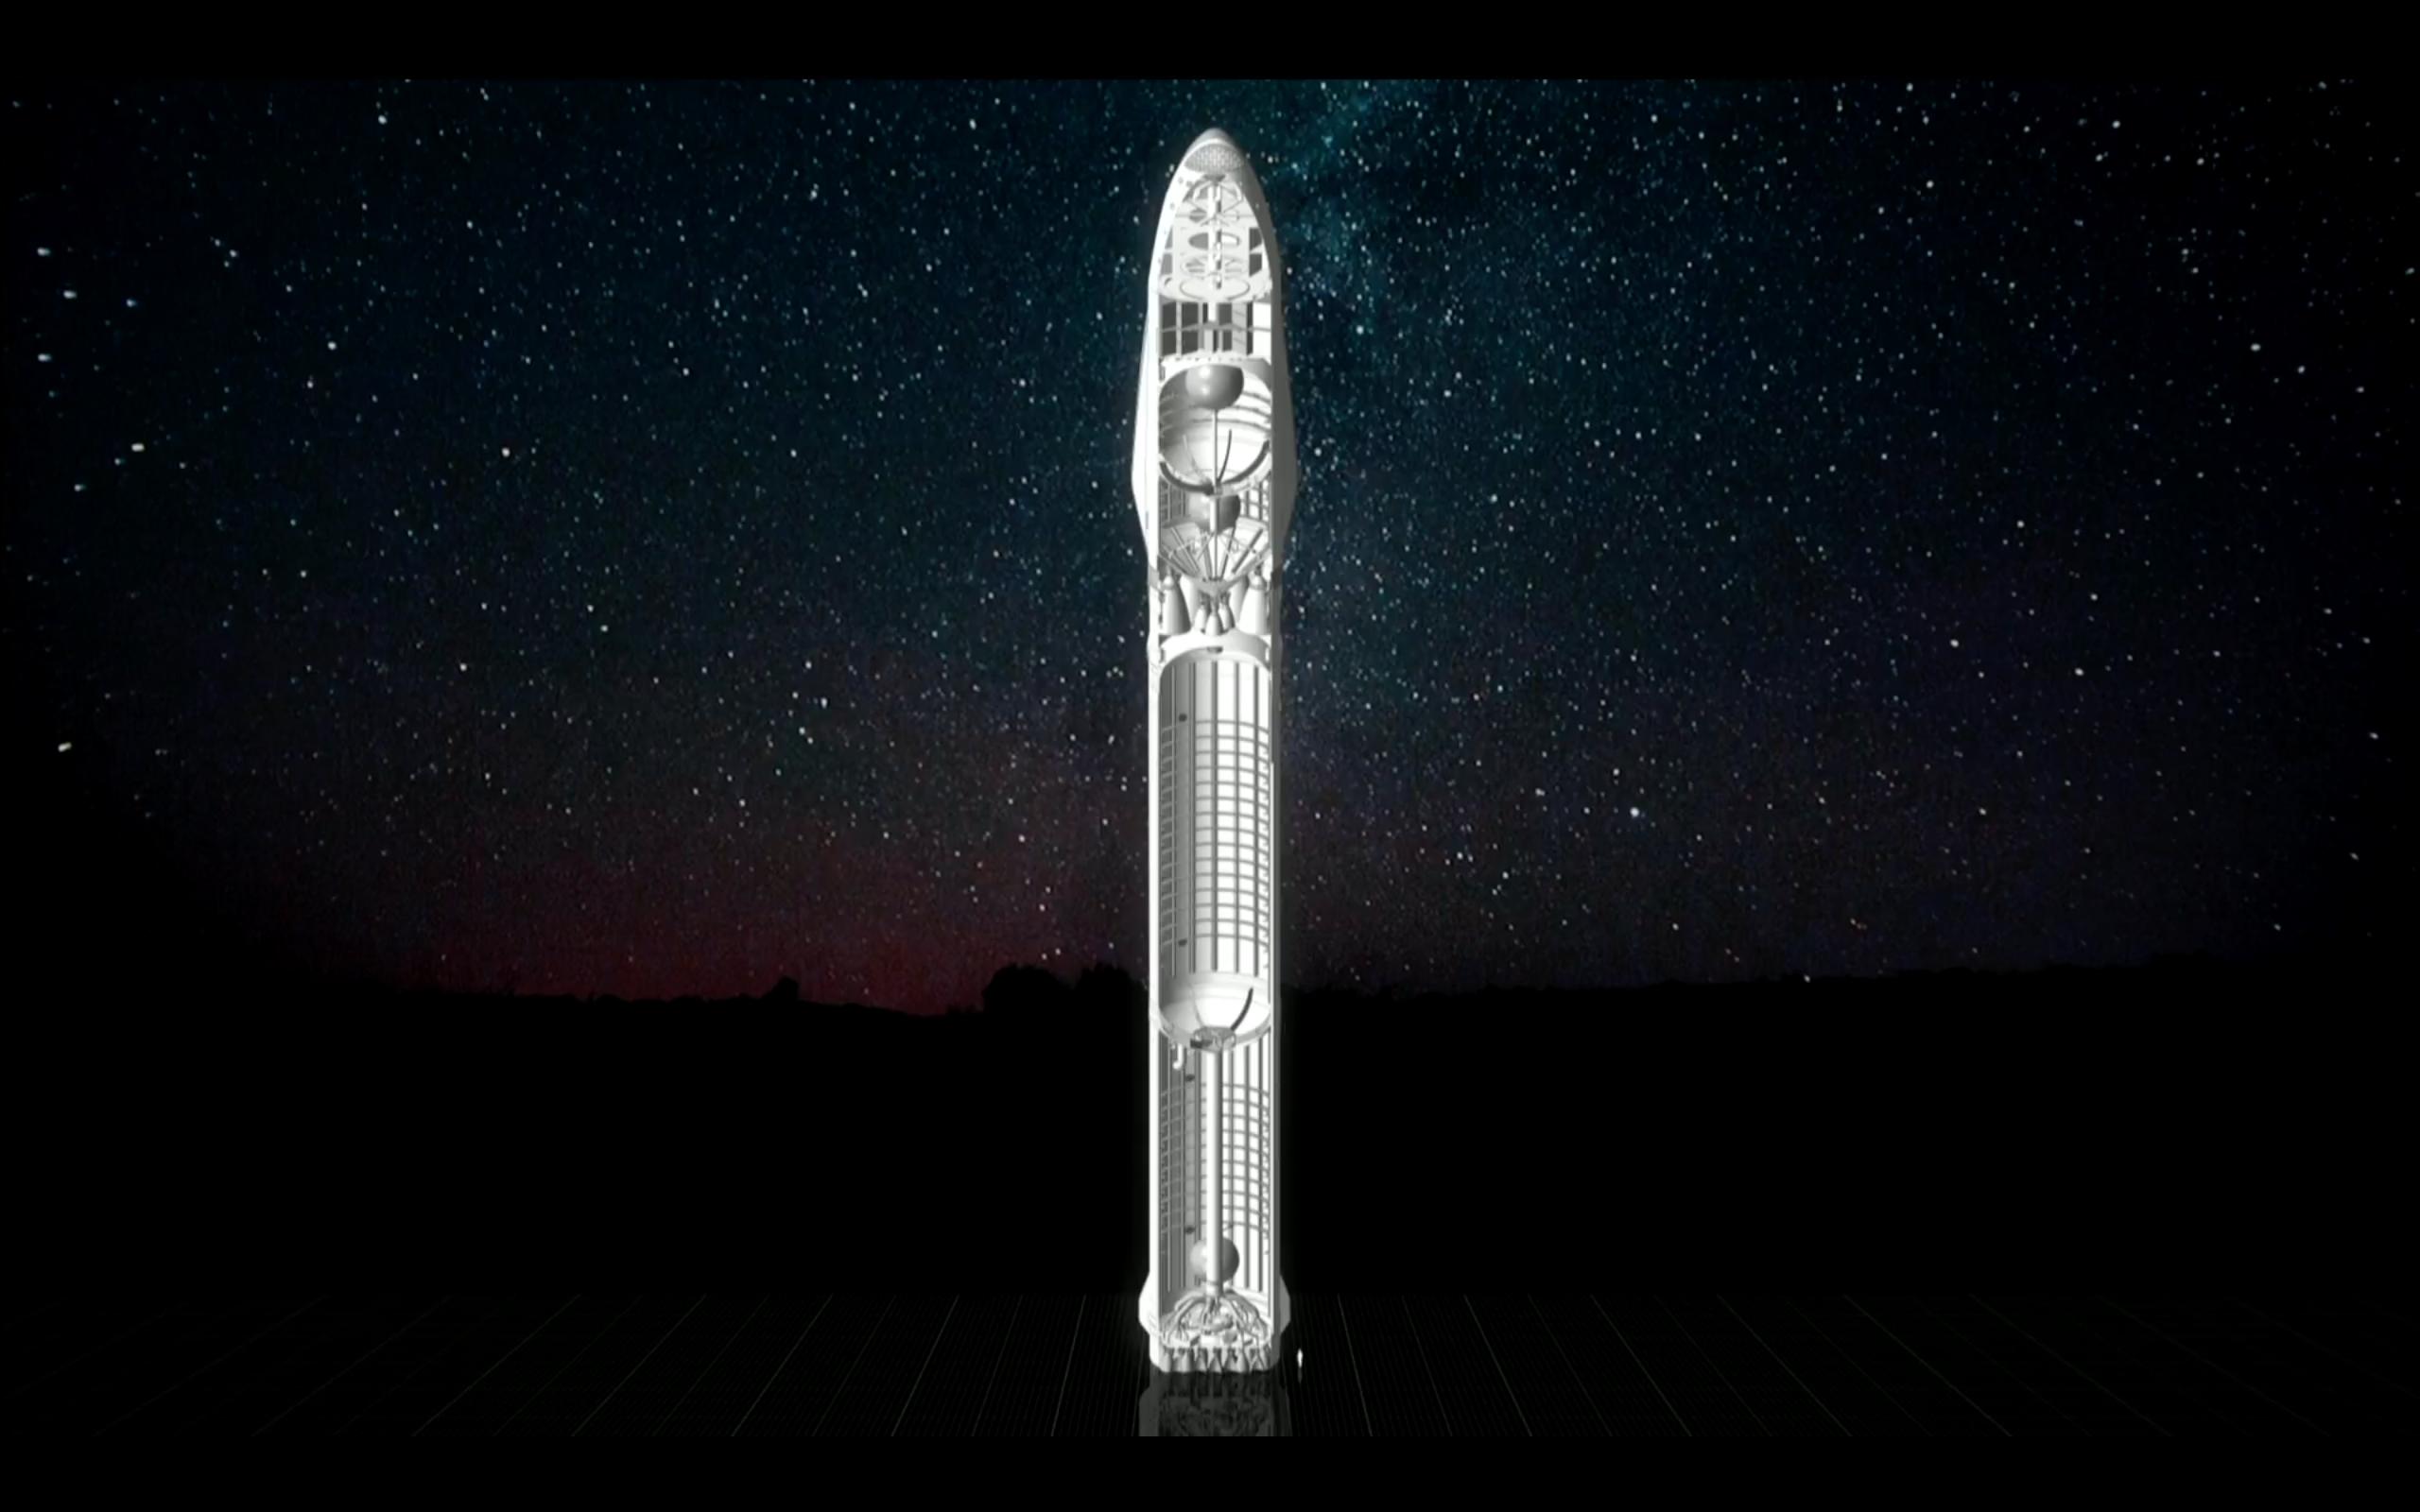 Obr.3: Rozmery novej rakety vporovnaní s človekom